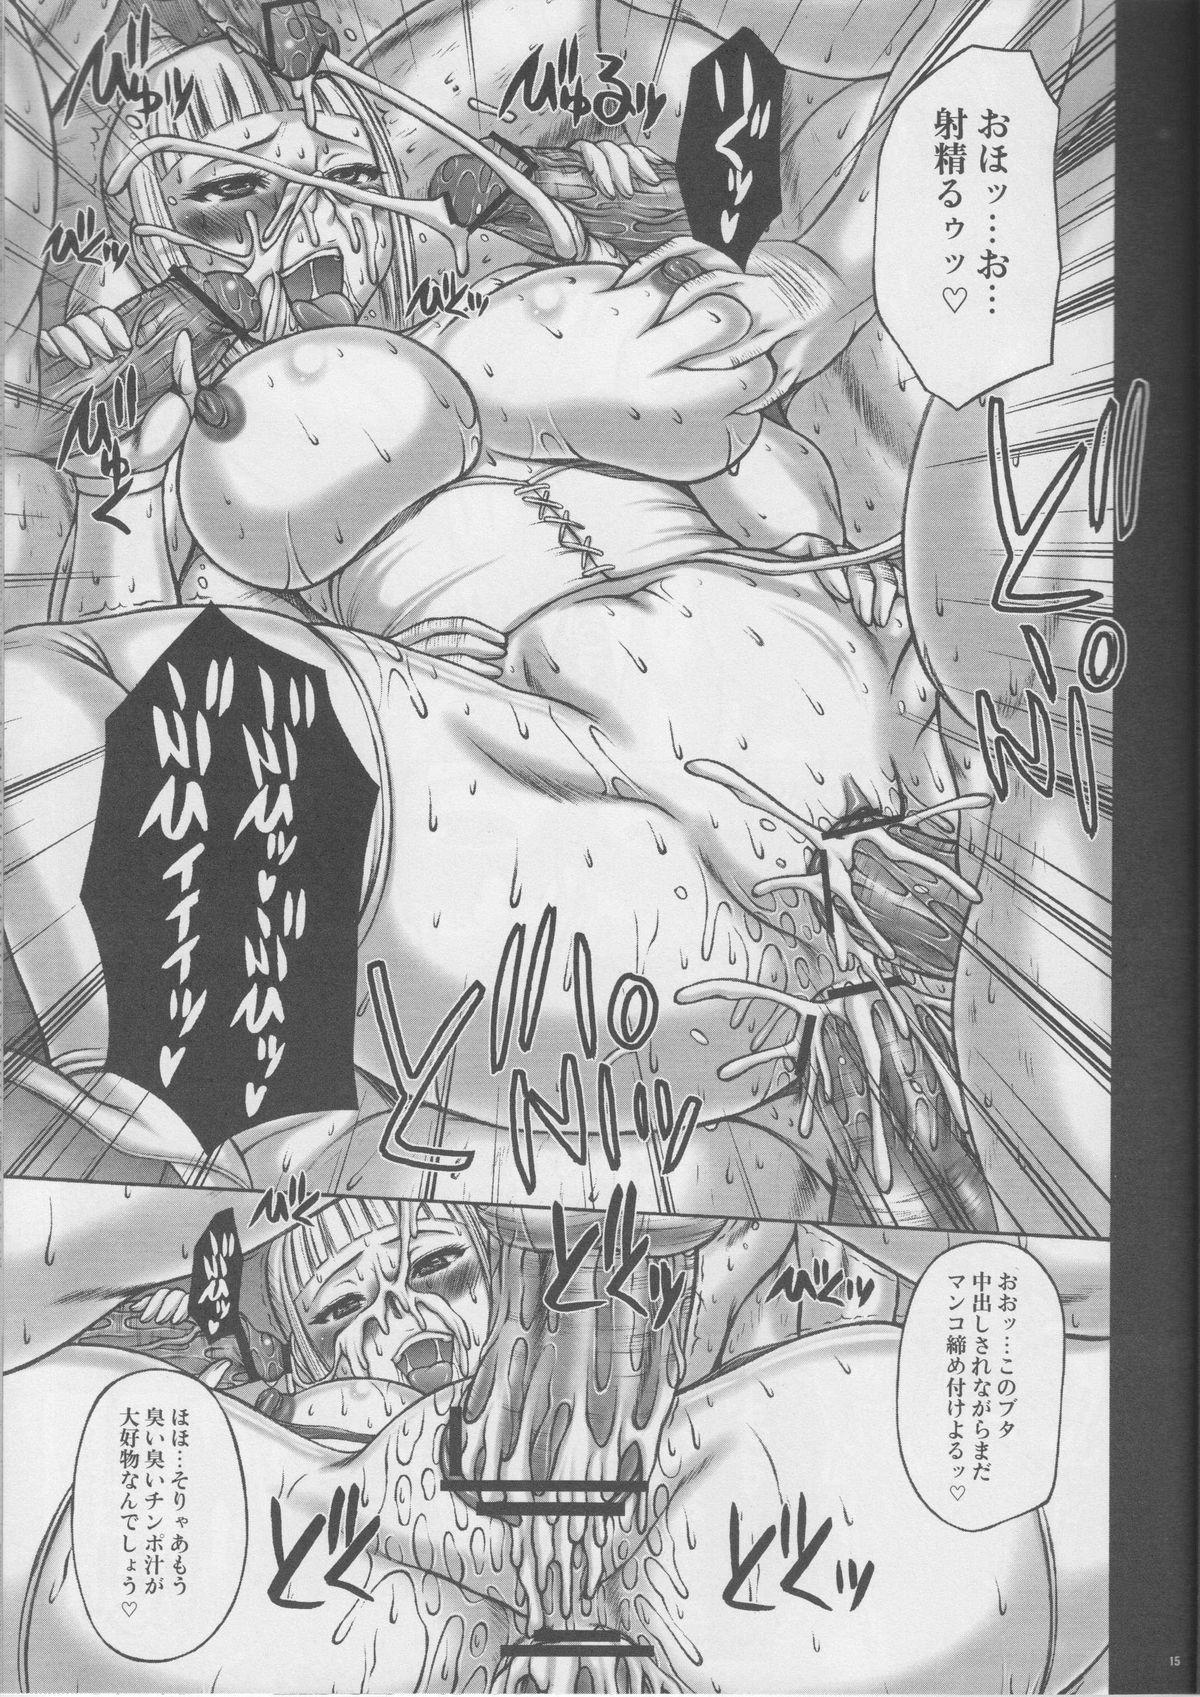 Bure Tetsu 13